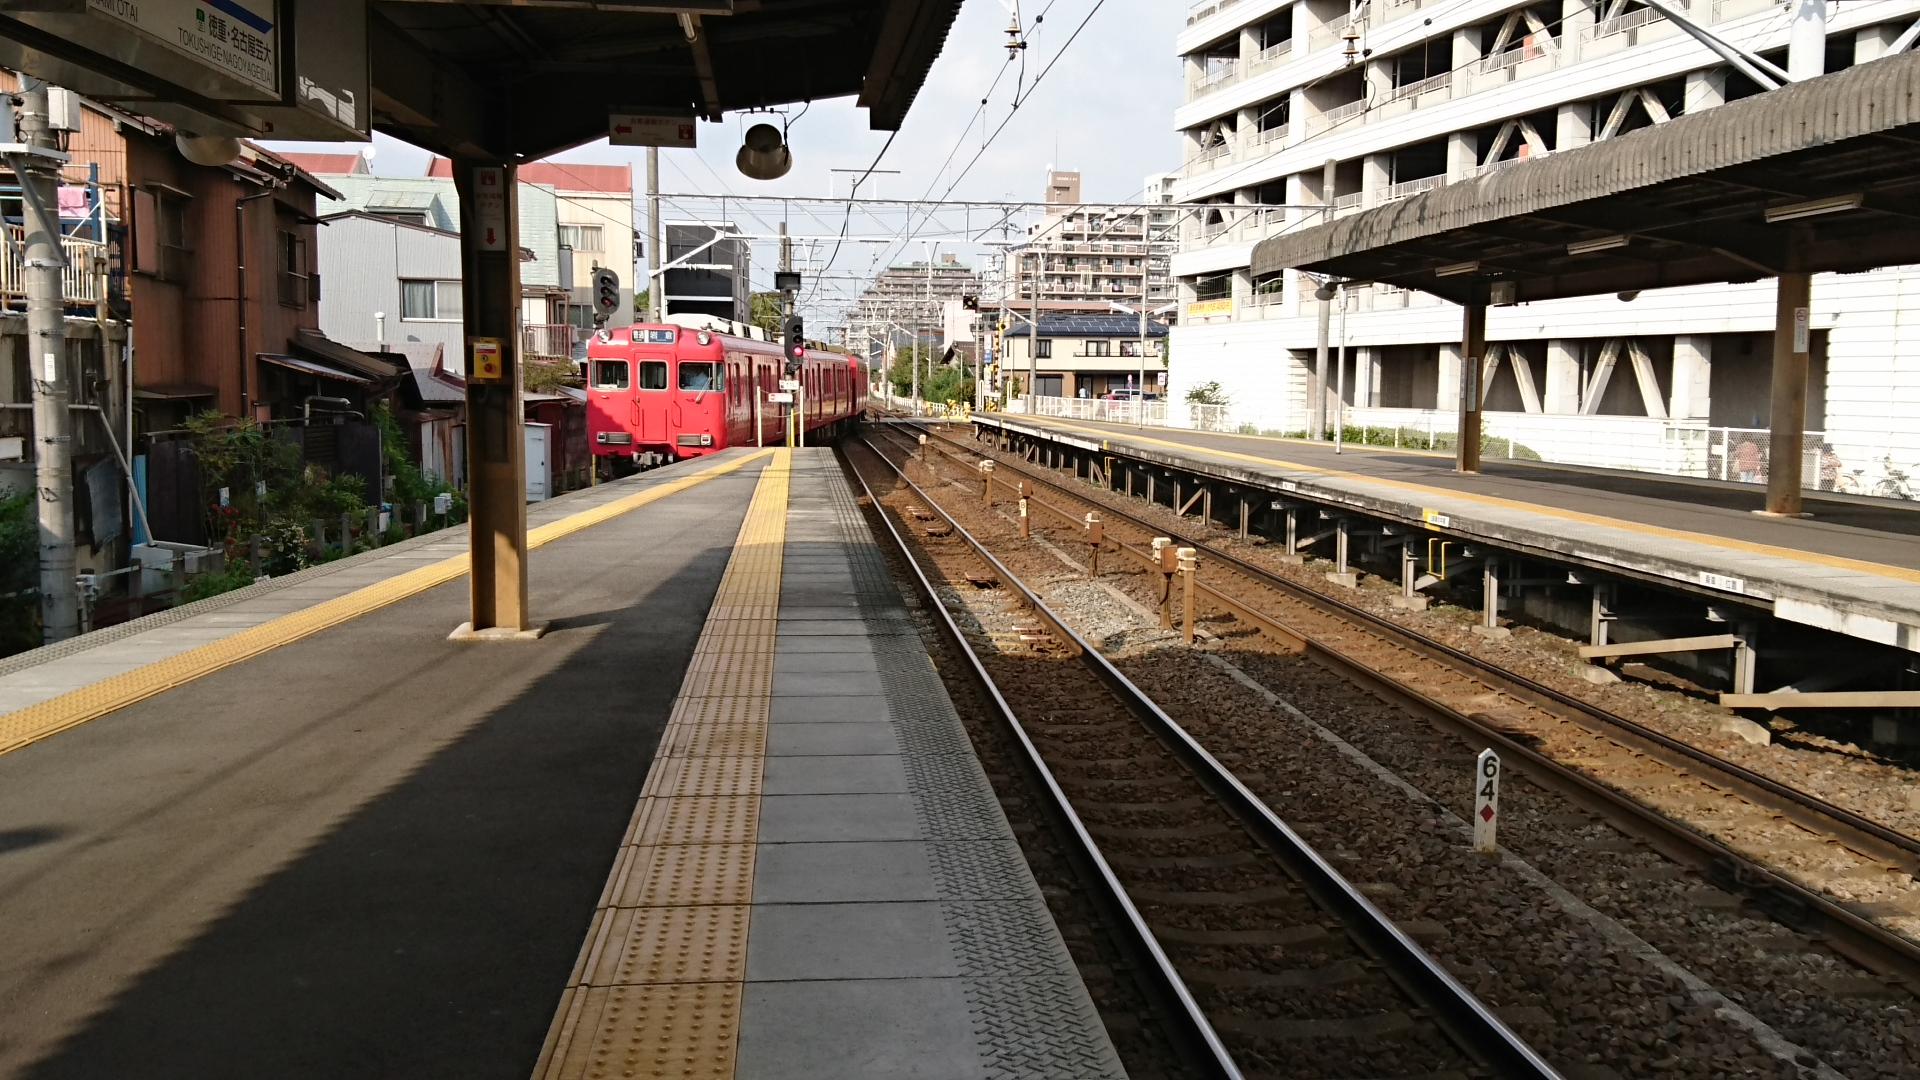 2016.10.19 西春まで (38) 西春 - 岩倉いきふつう 1920-1080